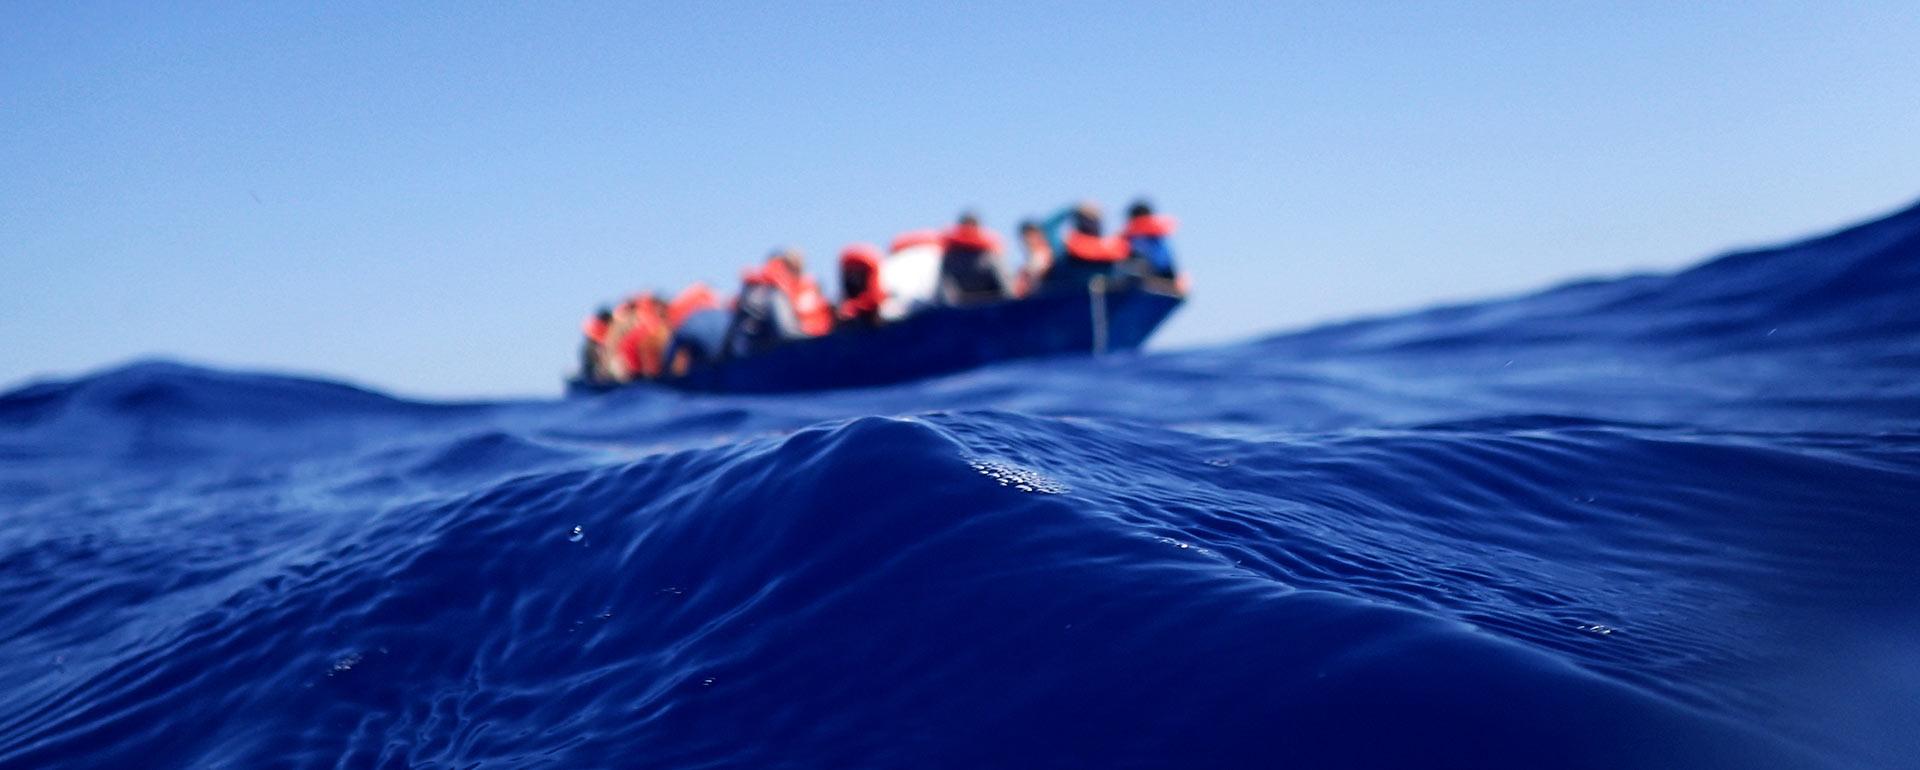 Im Vordergrund eine blaue Welle auf dem Mittelmeer, im Hintergrund in der Ferne ein Rettungsboot mit Menschen, die rote Schwimmwesten tragen